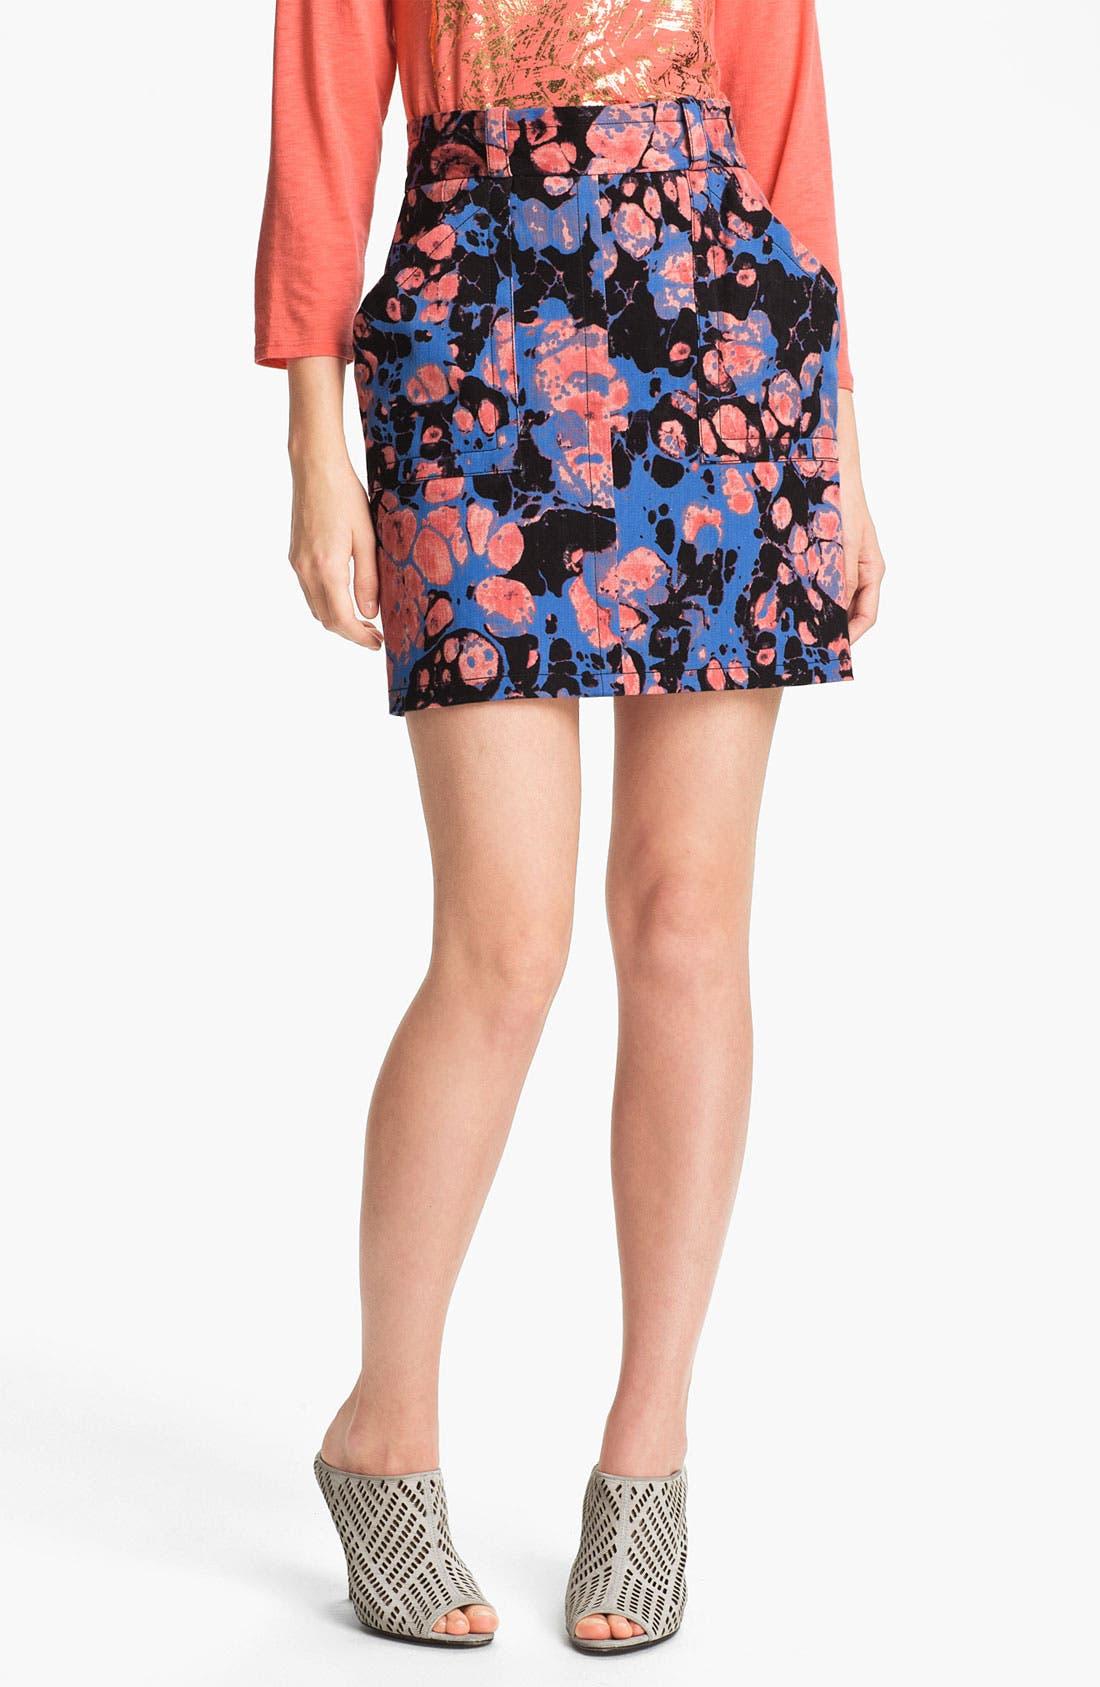 Alternate Image 1 Selected - Kelly Wearstler 'Phenomena' Skirt